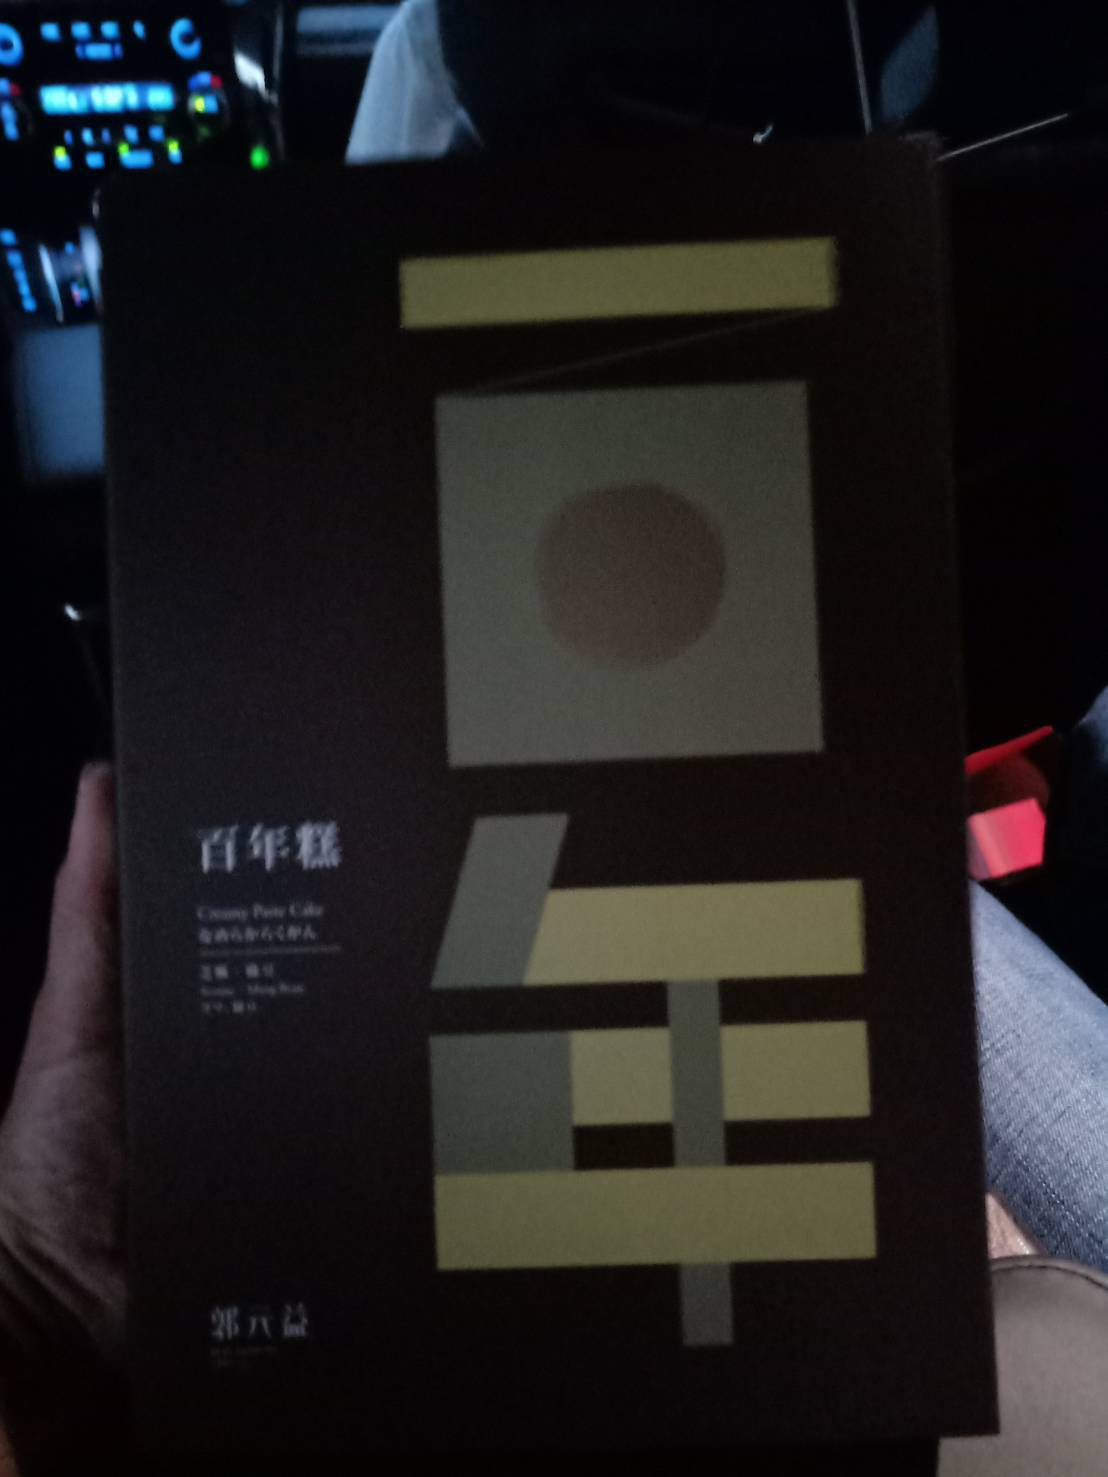 郭台銘陣營今早公布郭台銘送給柯文哲父母的月餅。圖片:郭台銘陣營提供。